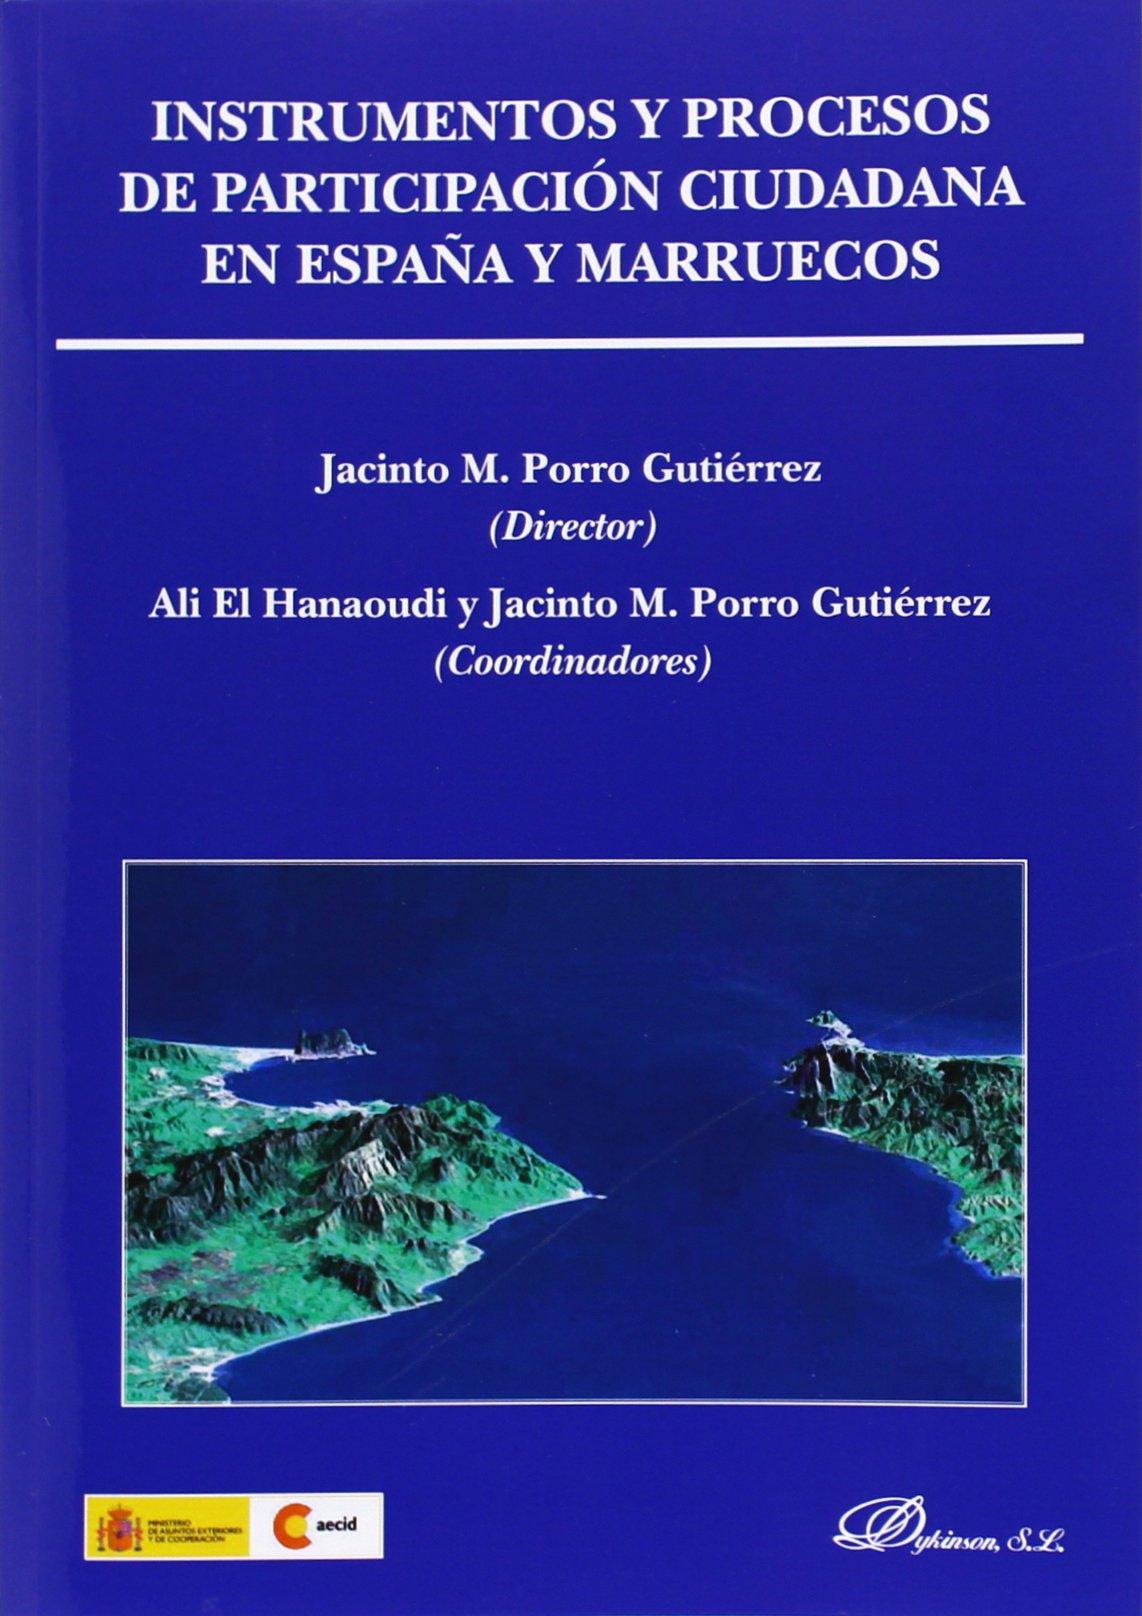 Instrumentos y procesos de participación ciudadana en españa y Marruecos: Amazon.es: Porro Gutiérrez, Jacinto M., Porro Gutiérrez, Jacinto M., El Hanaoudi (marroquí), Ali: Libros